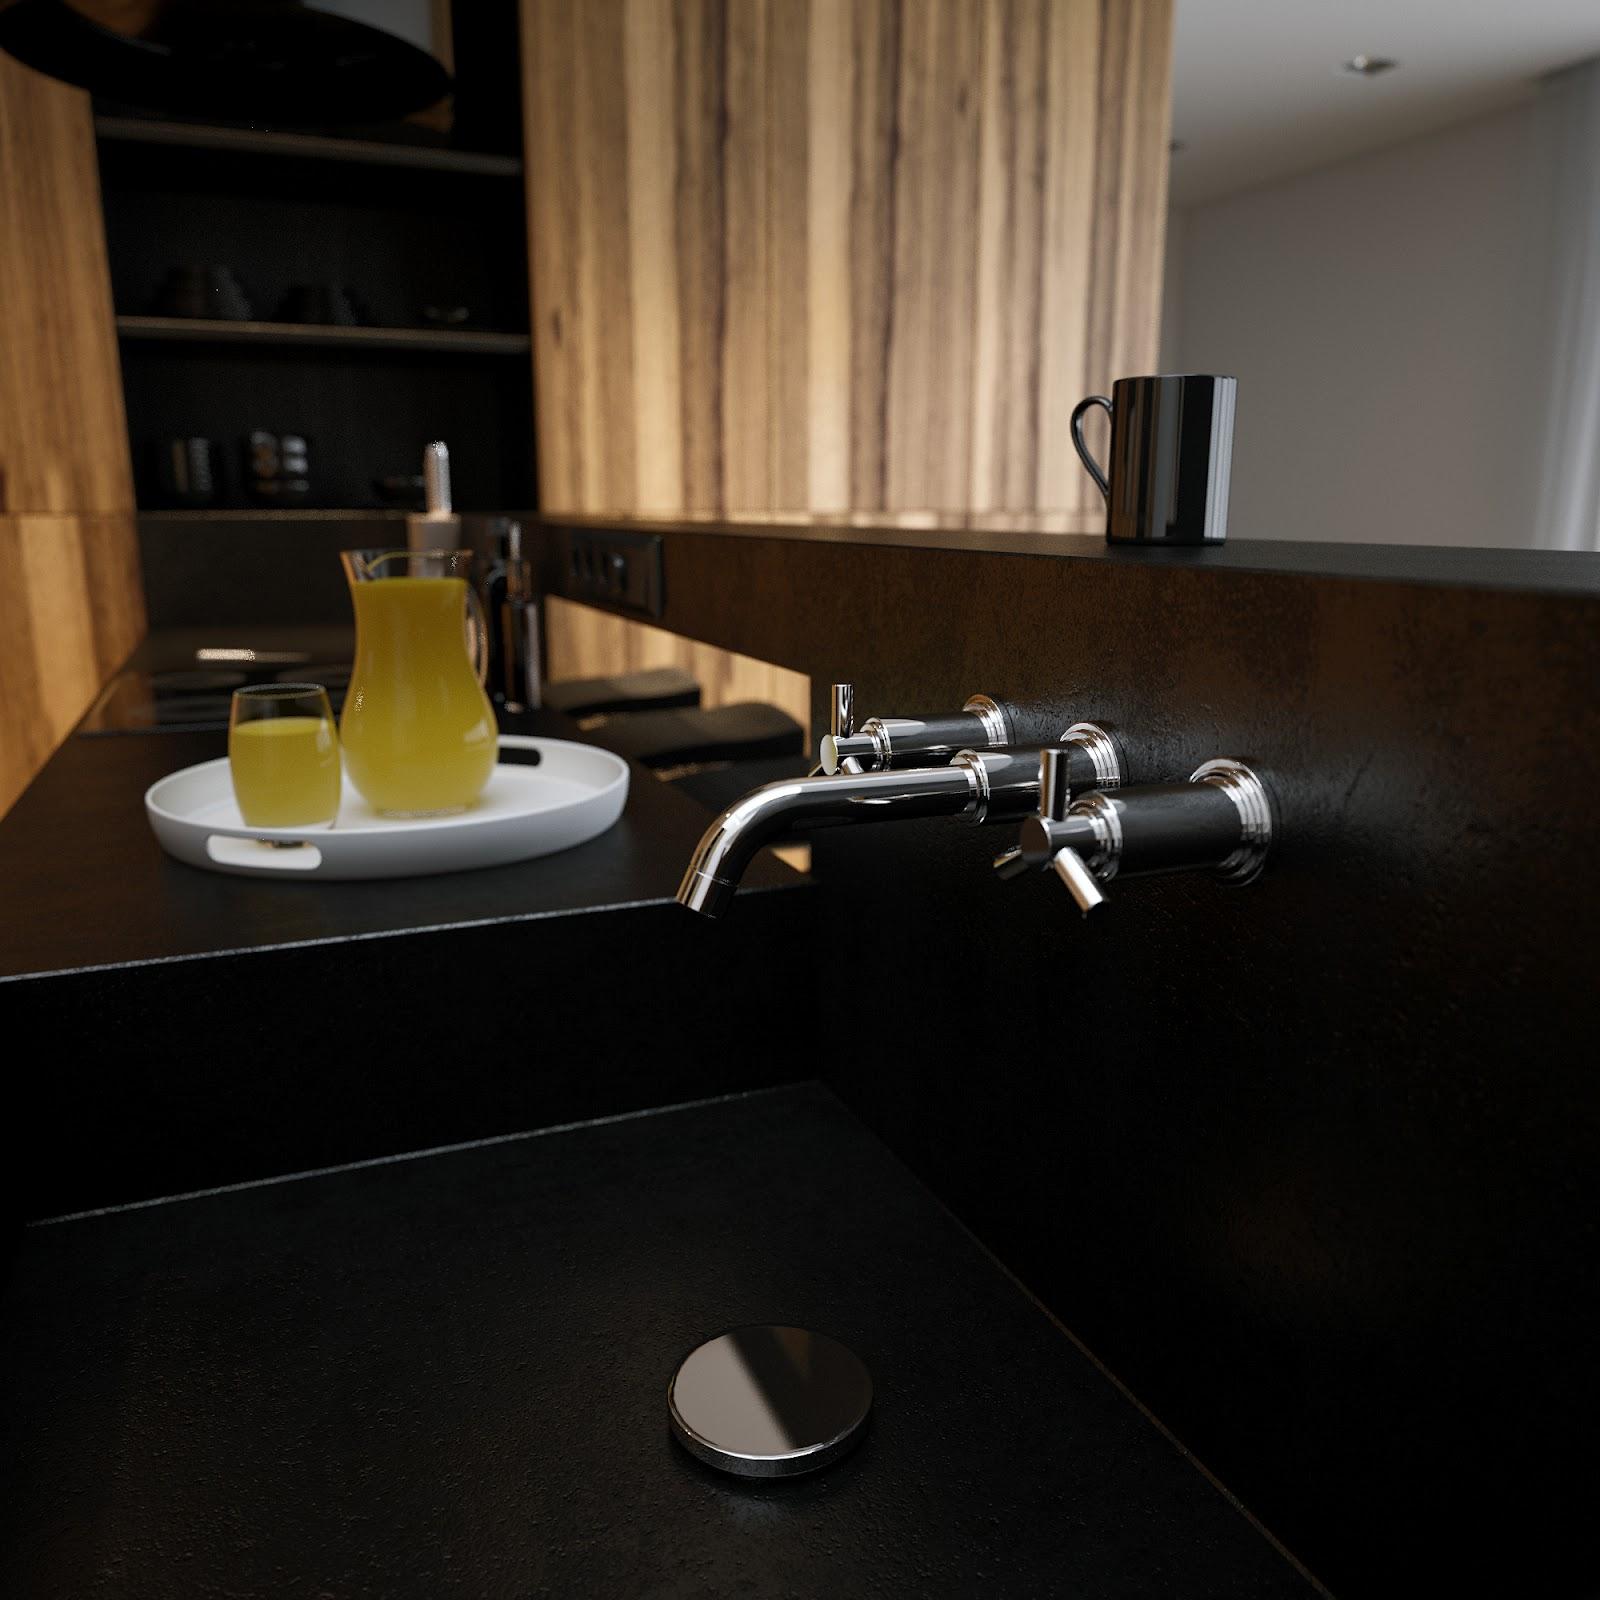 Black Corian Kitchen Sink Worktop Interior Design Ideas